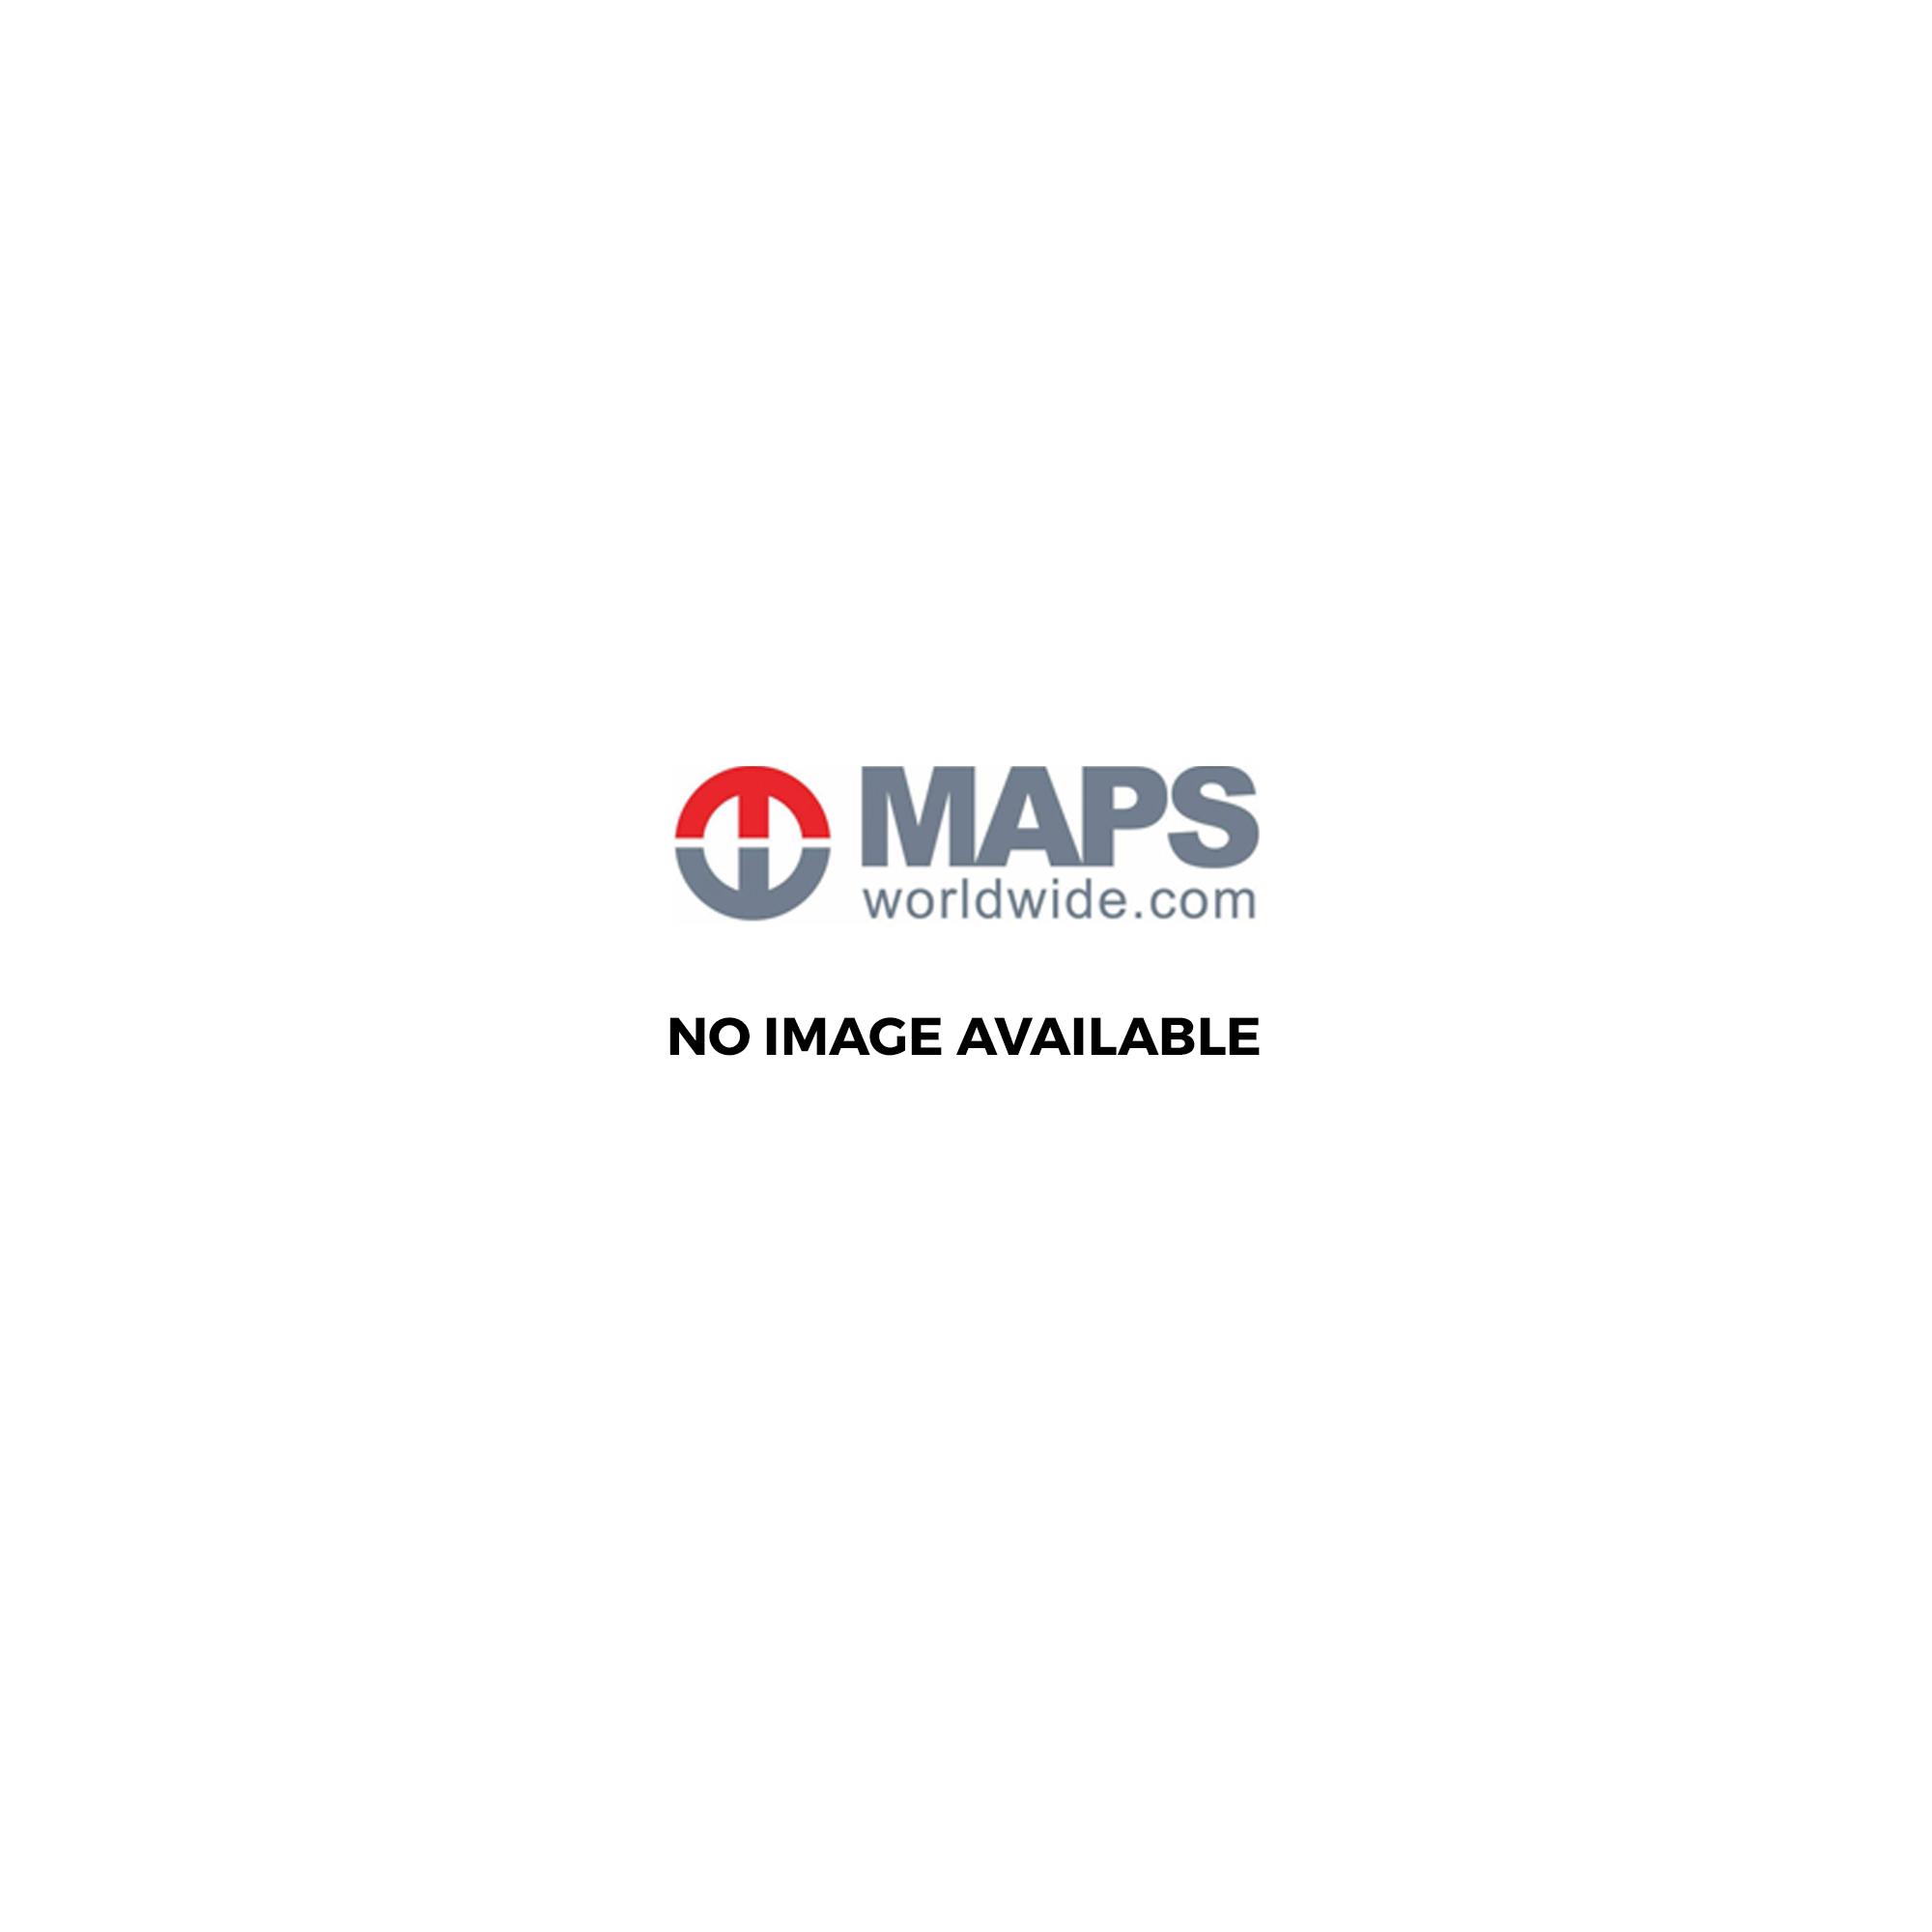 10035 Kongsvinger Norgeserien 150 000 Europe from Maps Worldwide UK